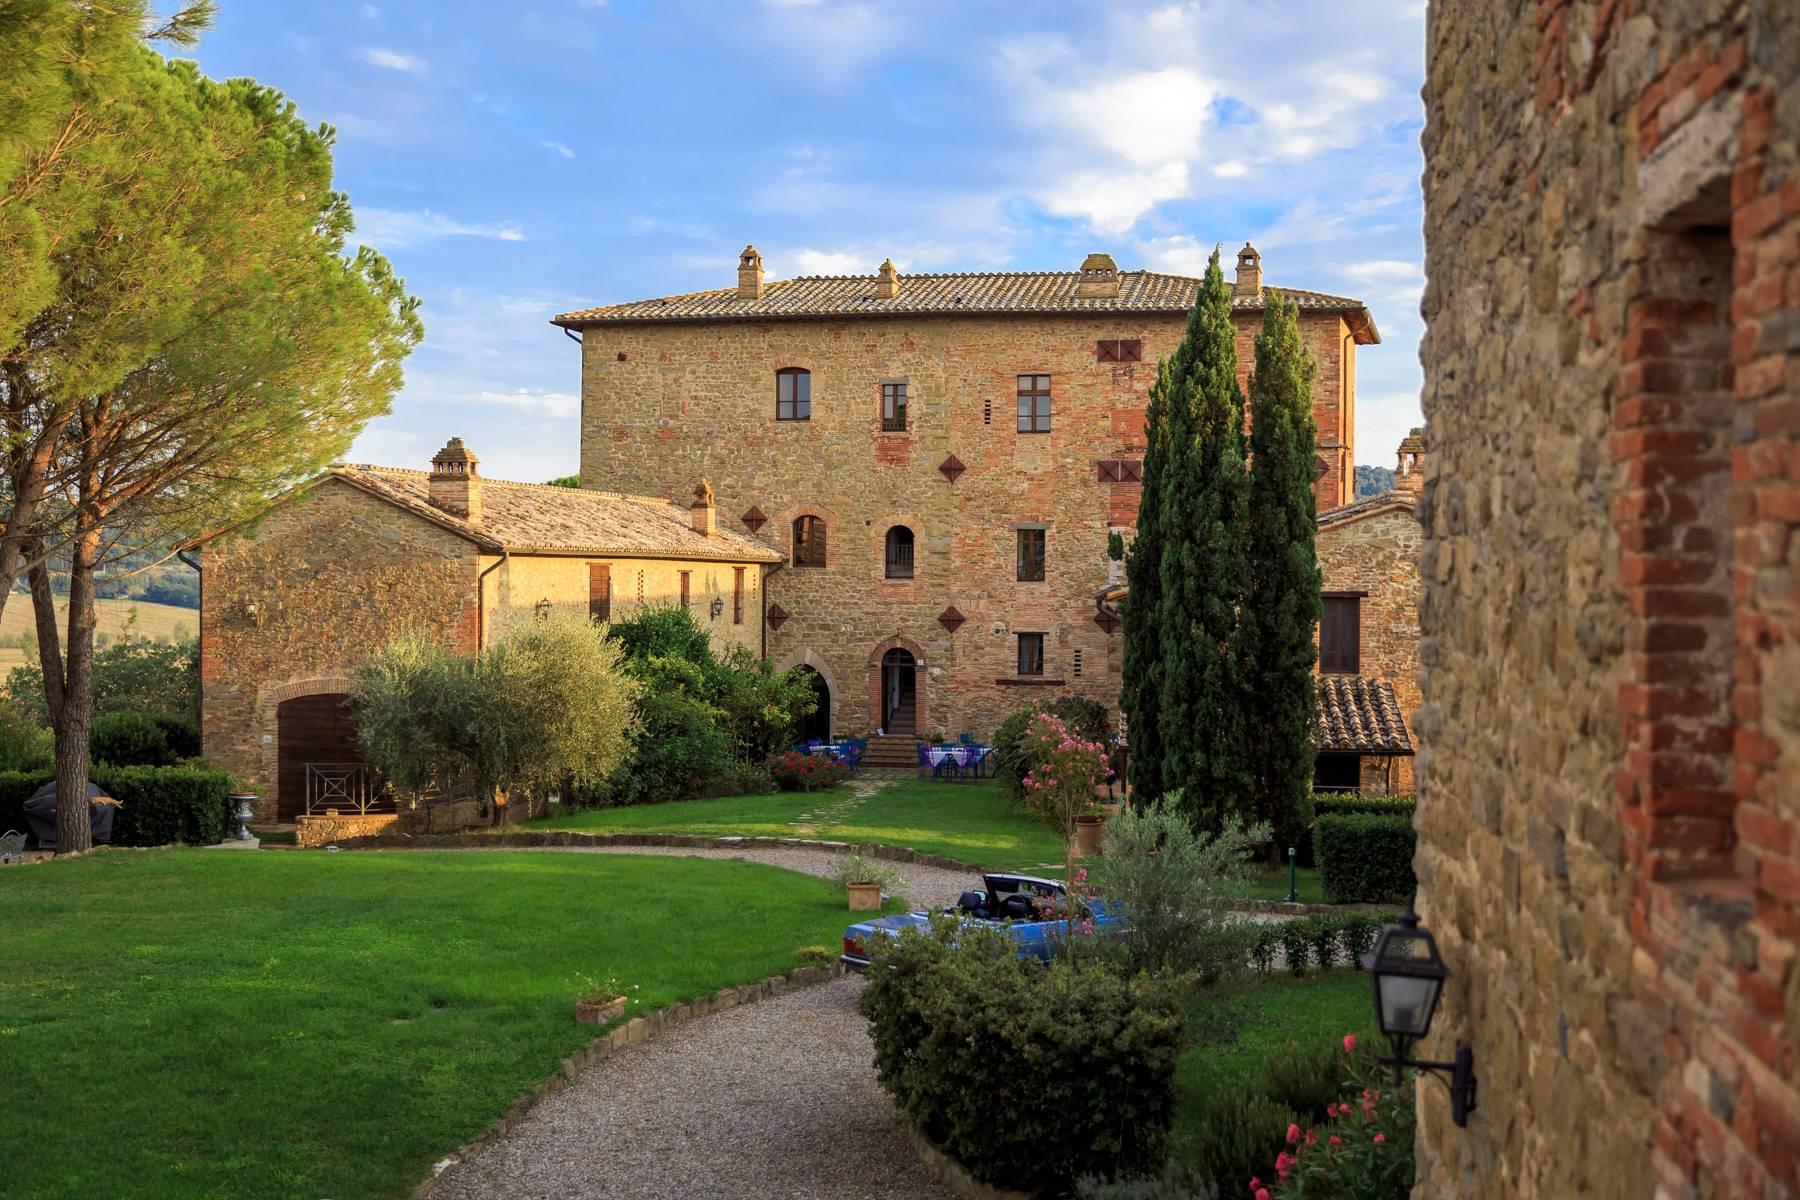 Magnifique château au coeur de l'Ombrie - 8